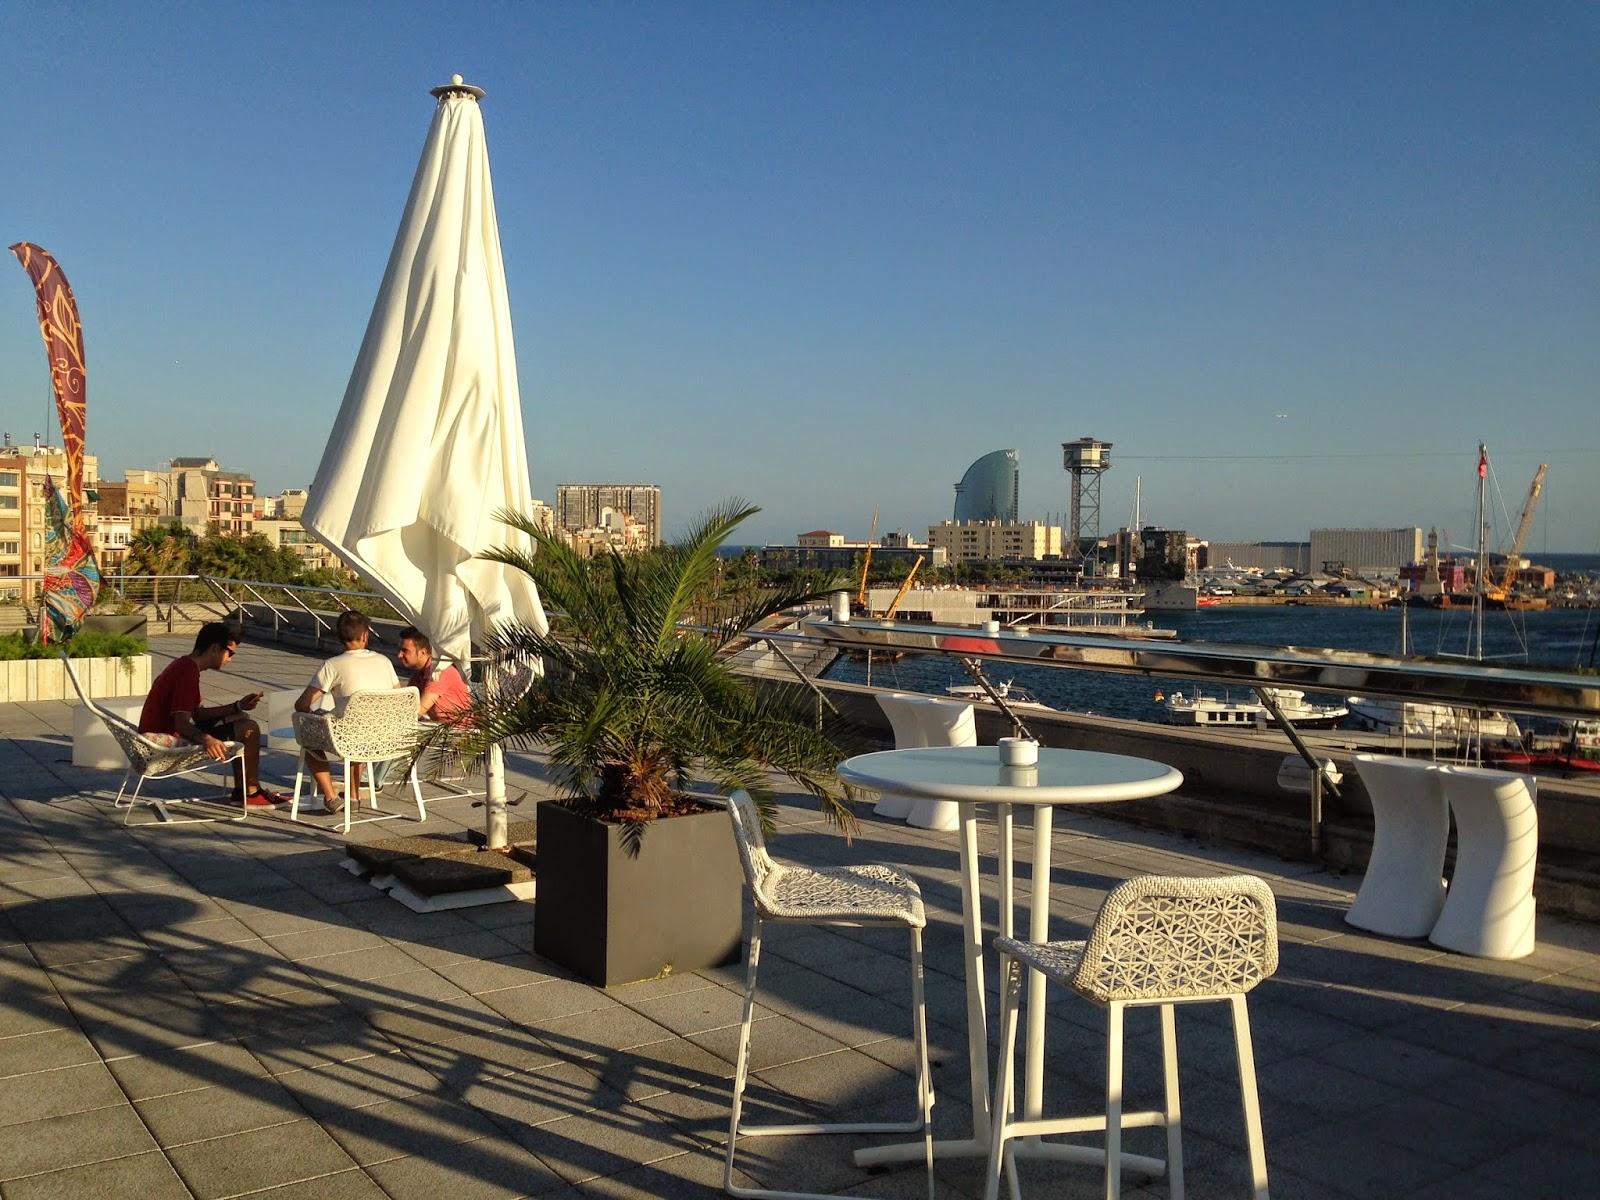 Ale samaniego 1881 la terraza de las indianas barcelona for La terraza barcelona